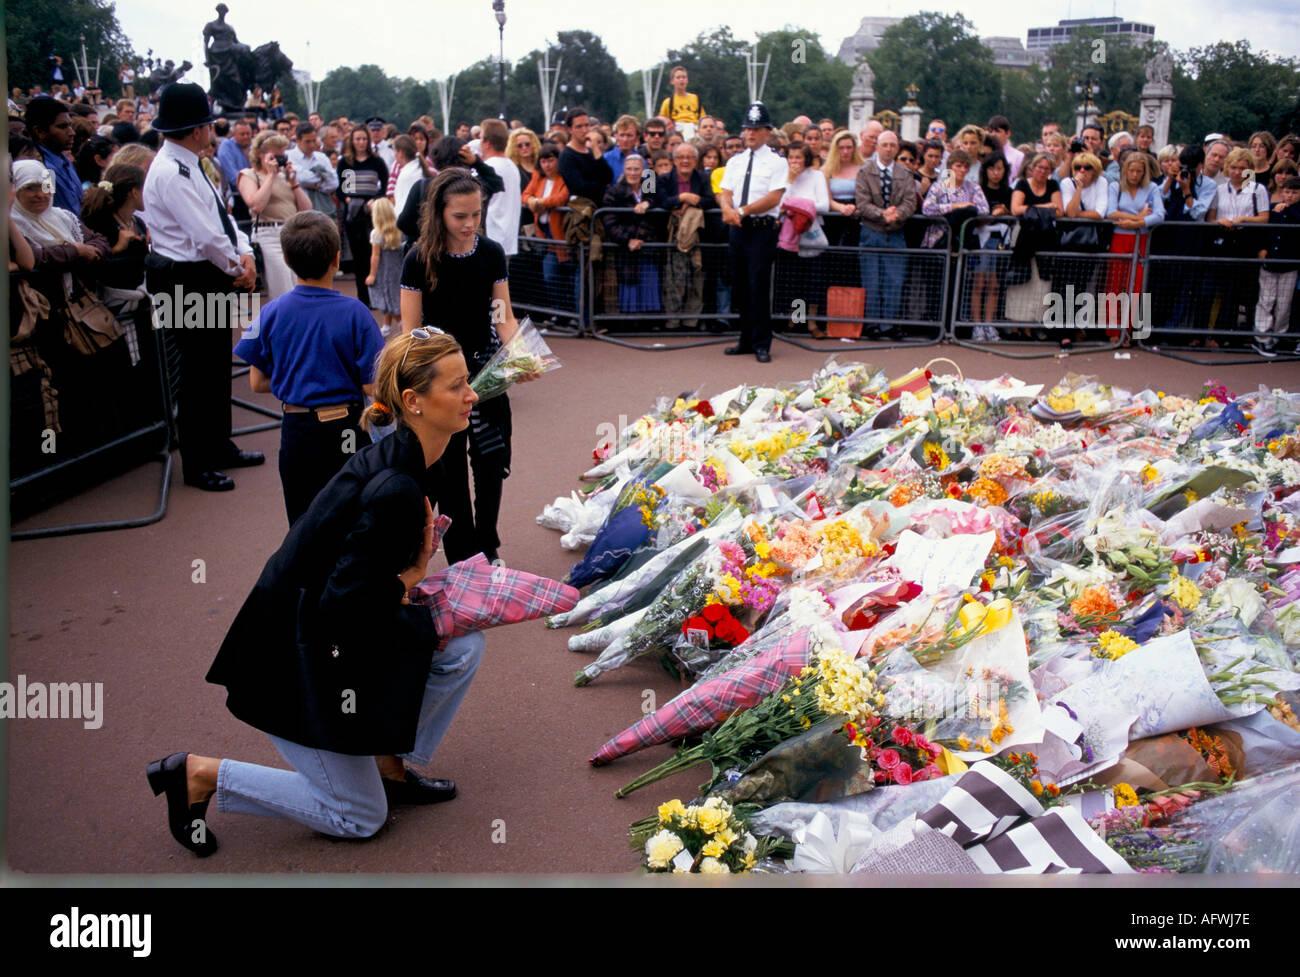 Buckingham Palace London September 1997 UK Tod Diana Princess of Wales Blumen links als florale Tribut zu ihrer öffentlichen Darstellung der Trauer HOMER SYKES Stockbild